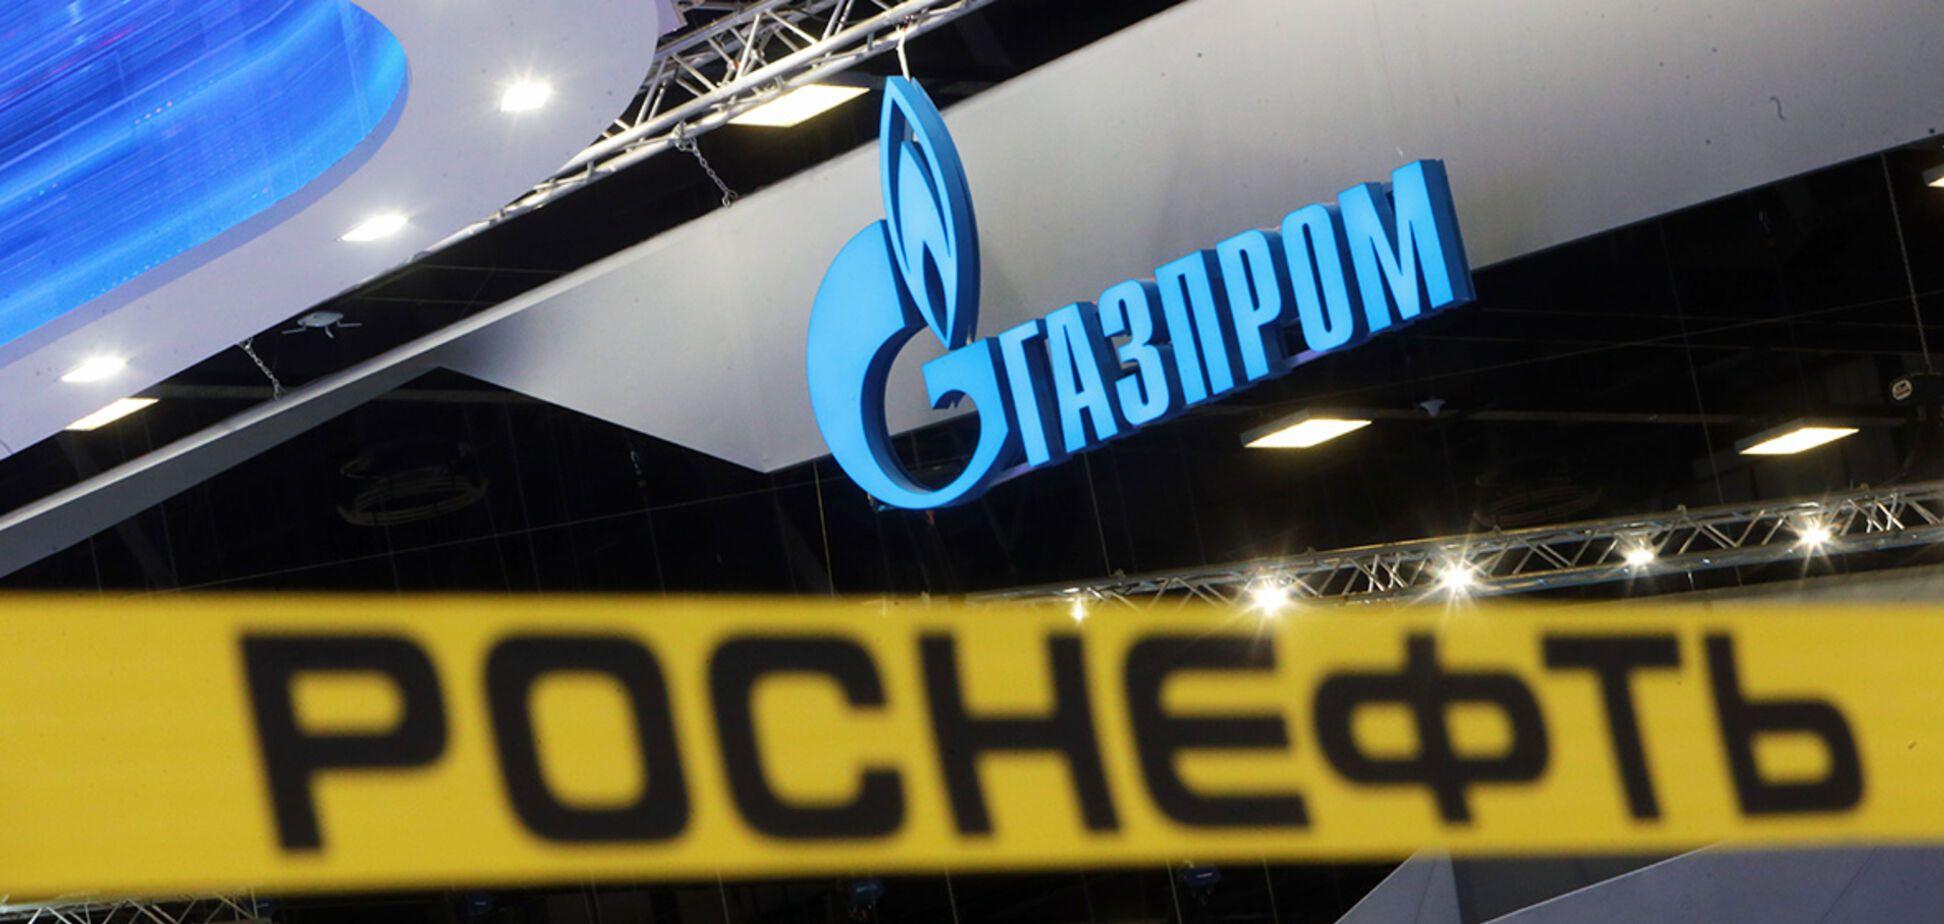 'Газпром' и 'Роснефть' ждет печальная судьба. Россия не получит сотни миллиардов рублей